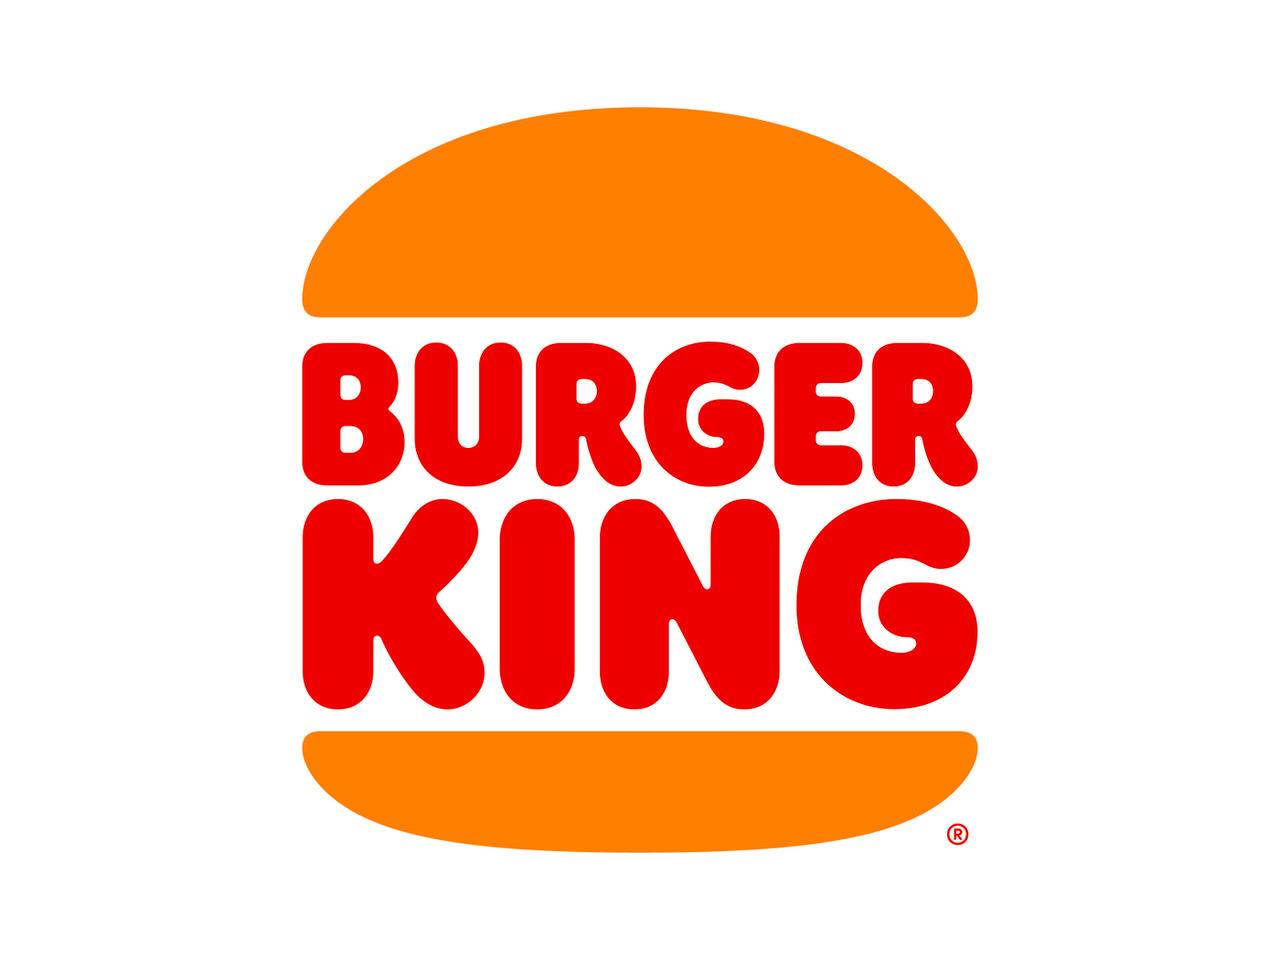 Burger king logo 002 202103